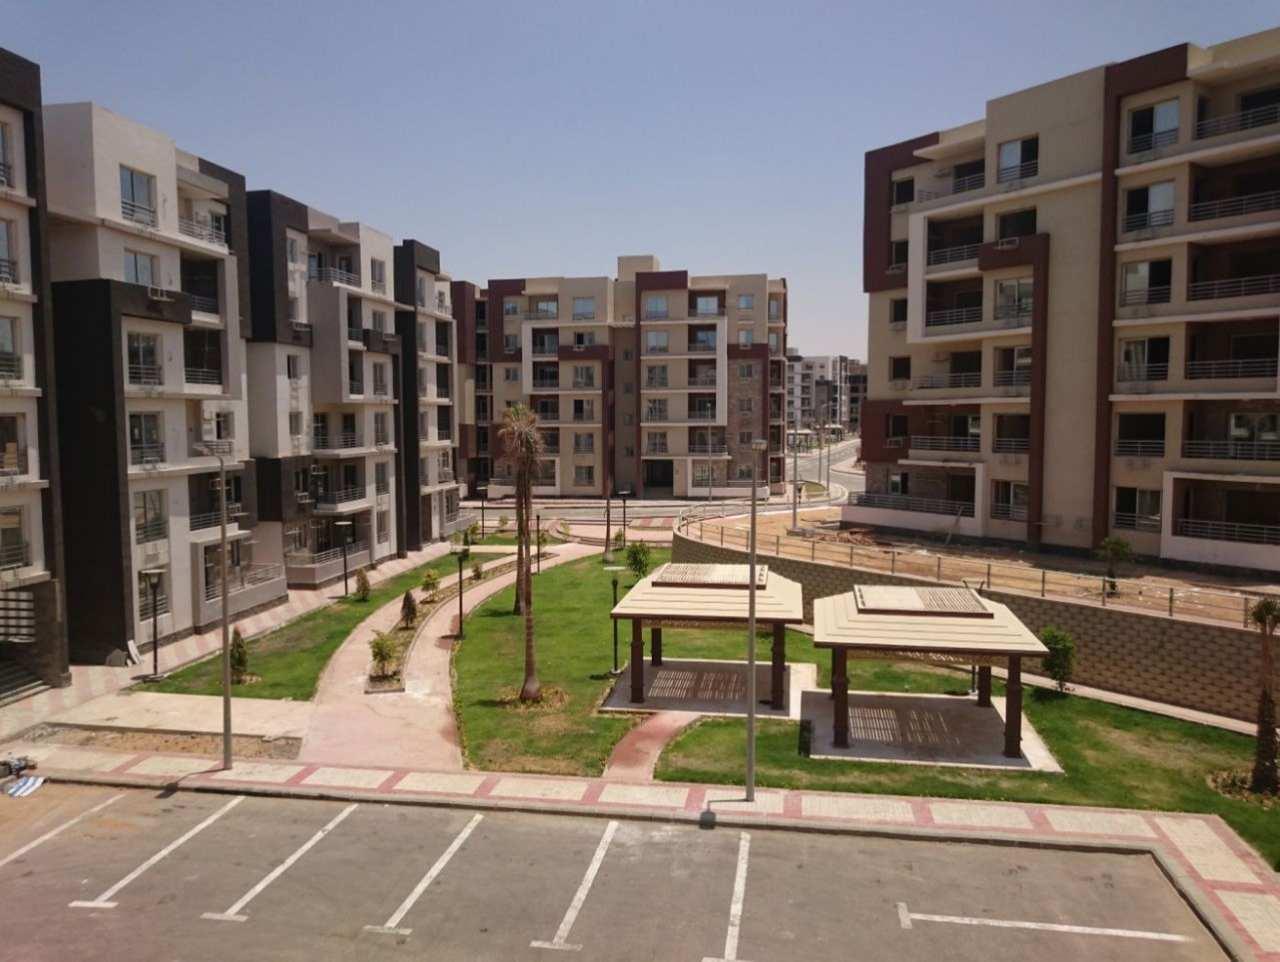 شقق الإيجار في مدينة بدر - الشقق